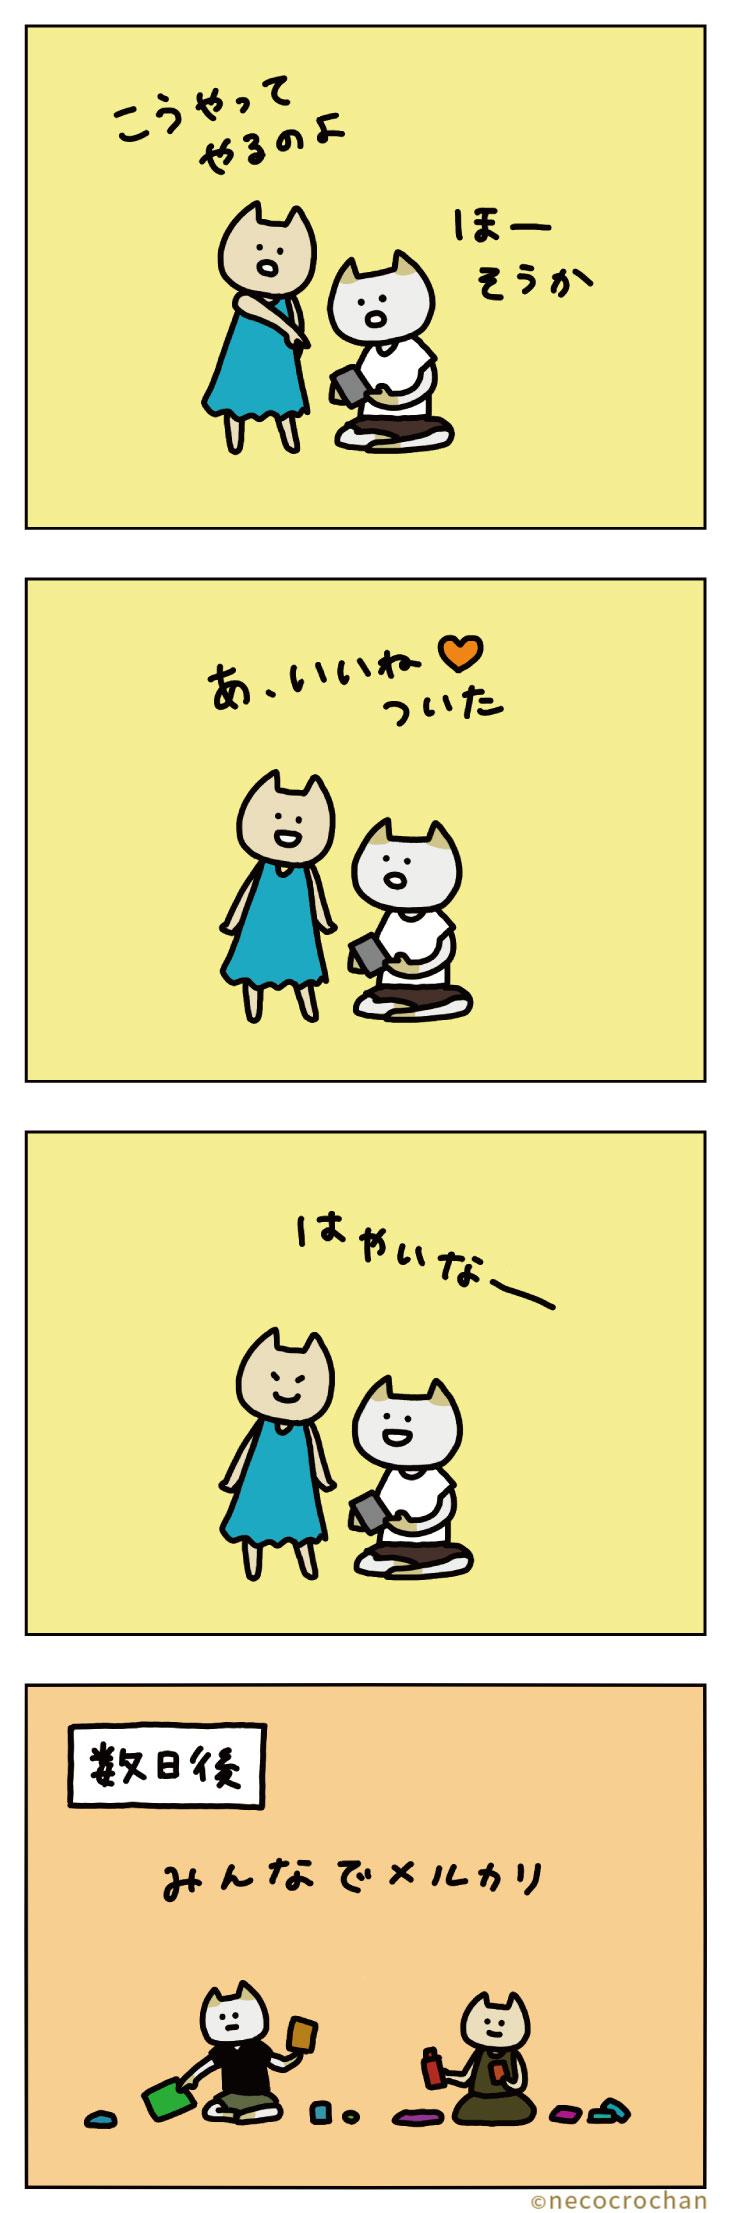 4コマ漫画ねこくろにっき「おとうもメルカリ1」